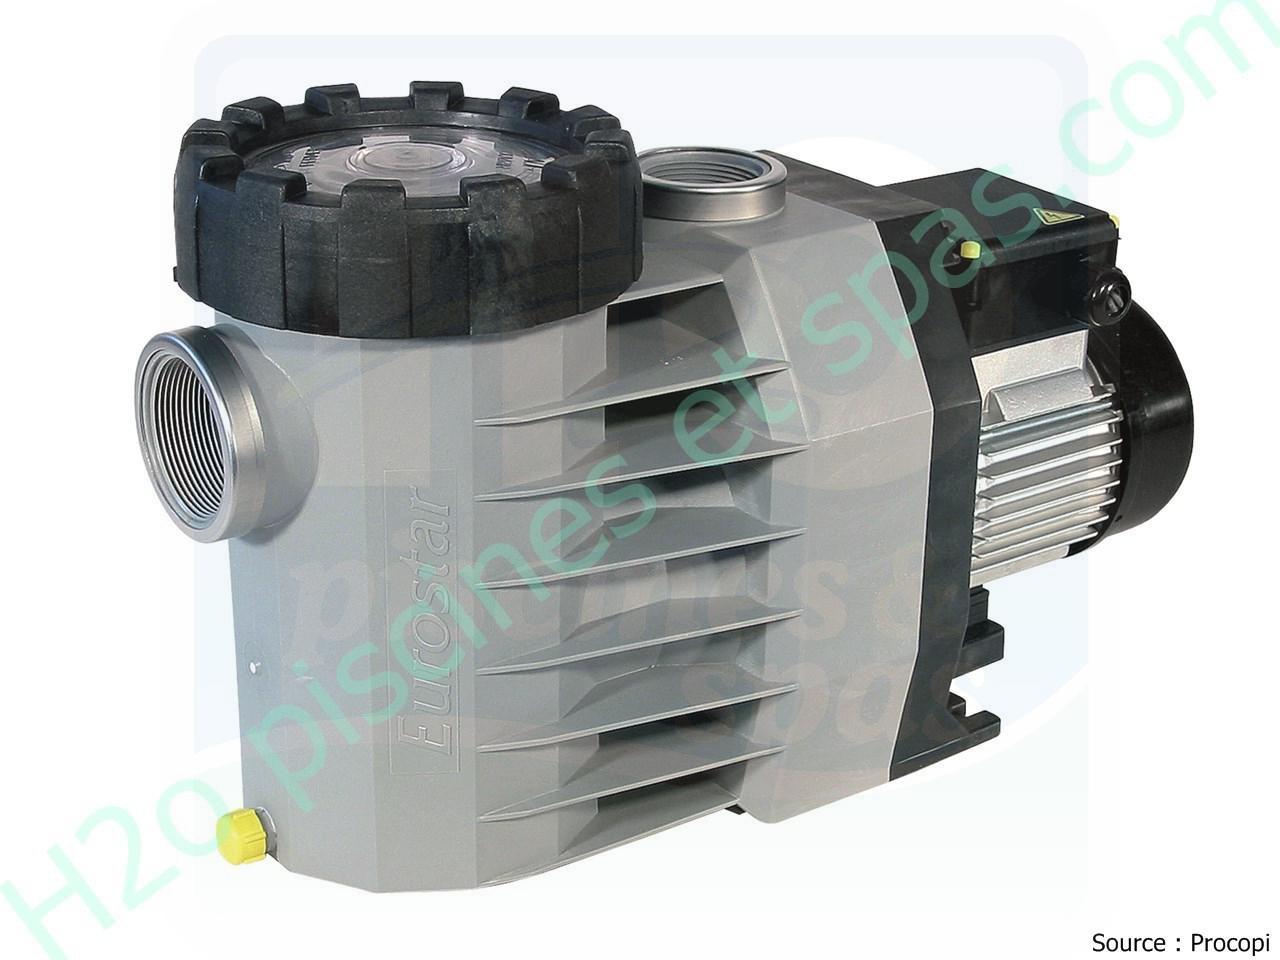 Pompe de filtration speck eurostar ii 150t 1 cv 15m3 h for Pompe piscine 15m3 h